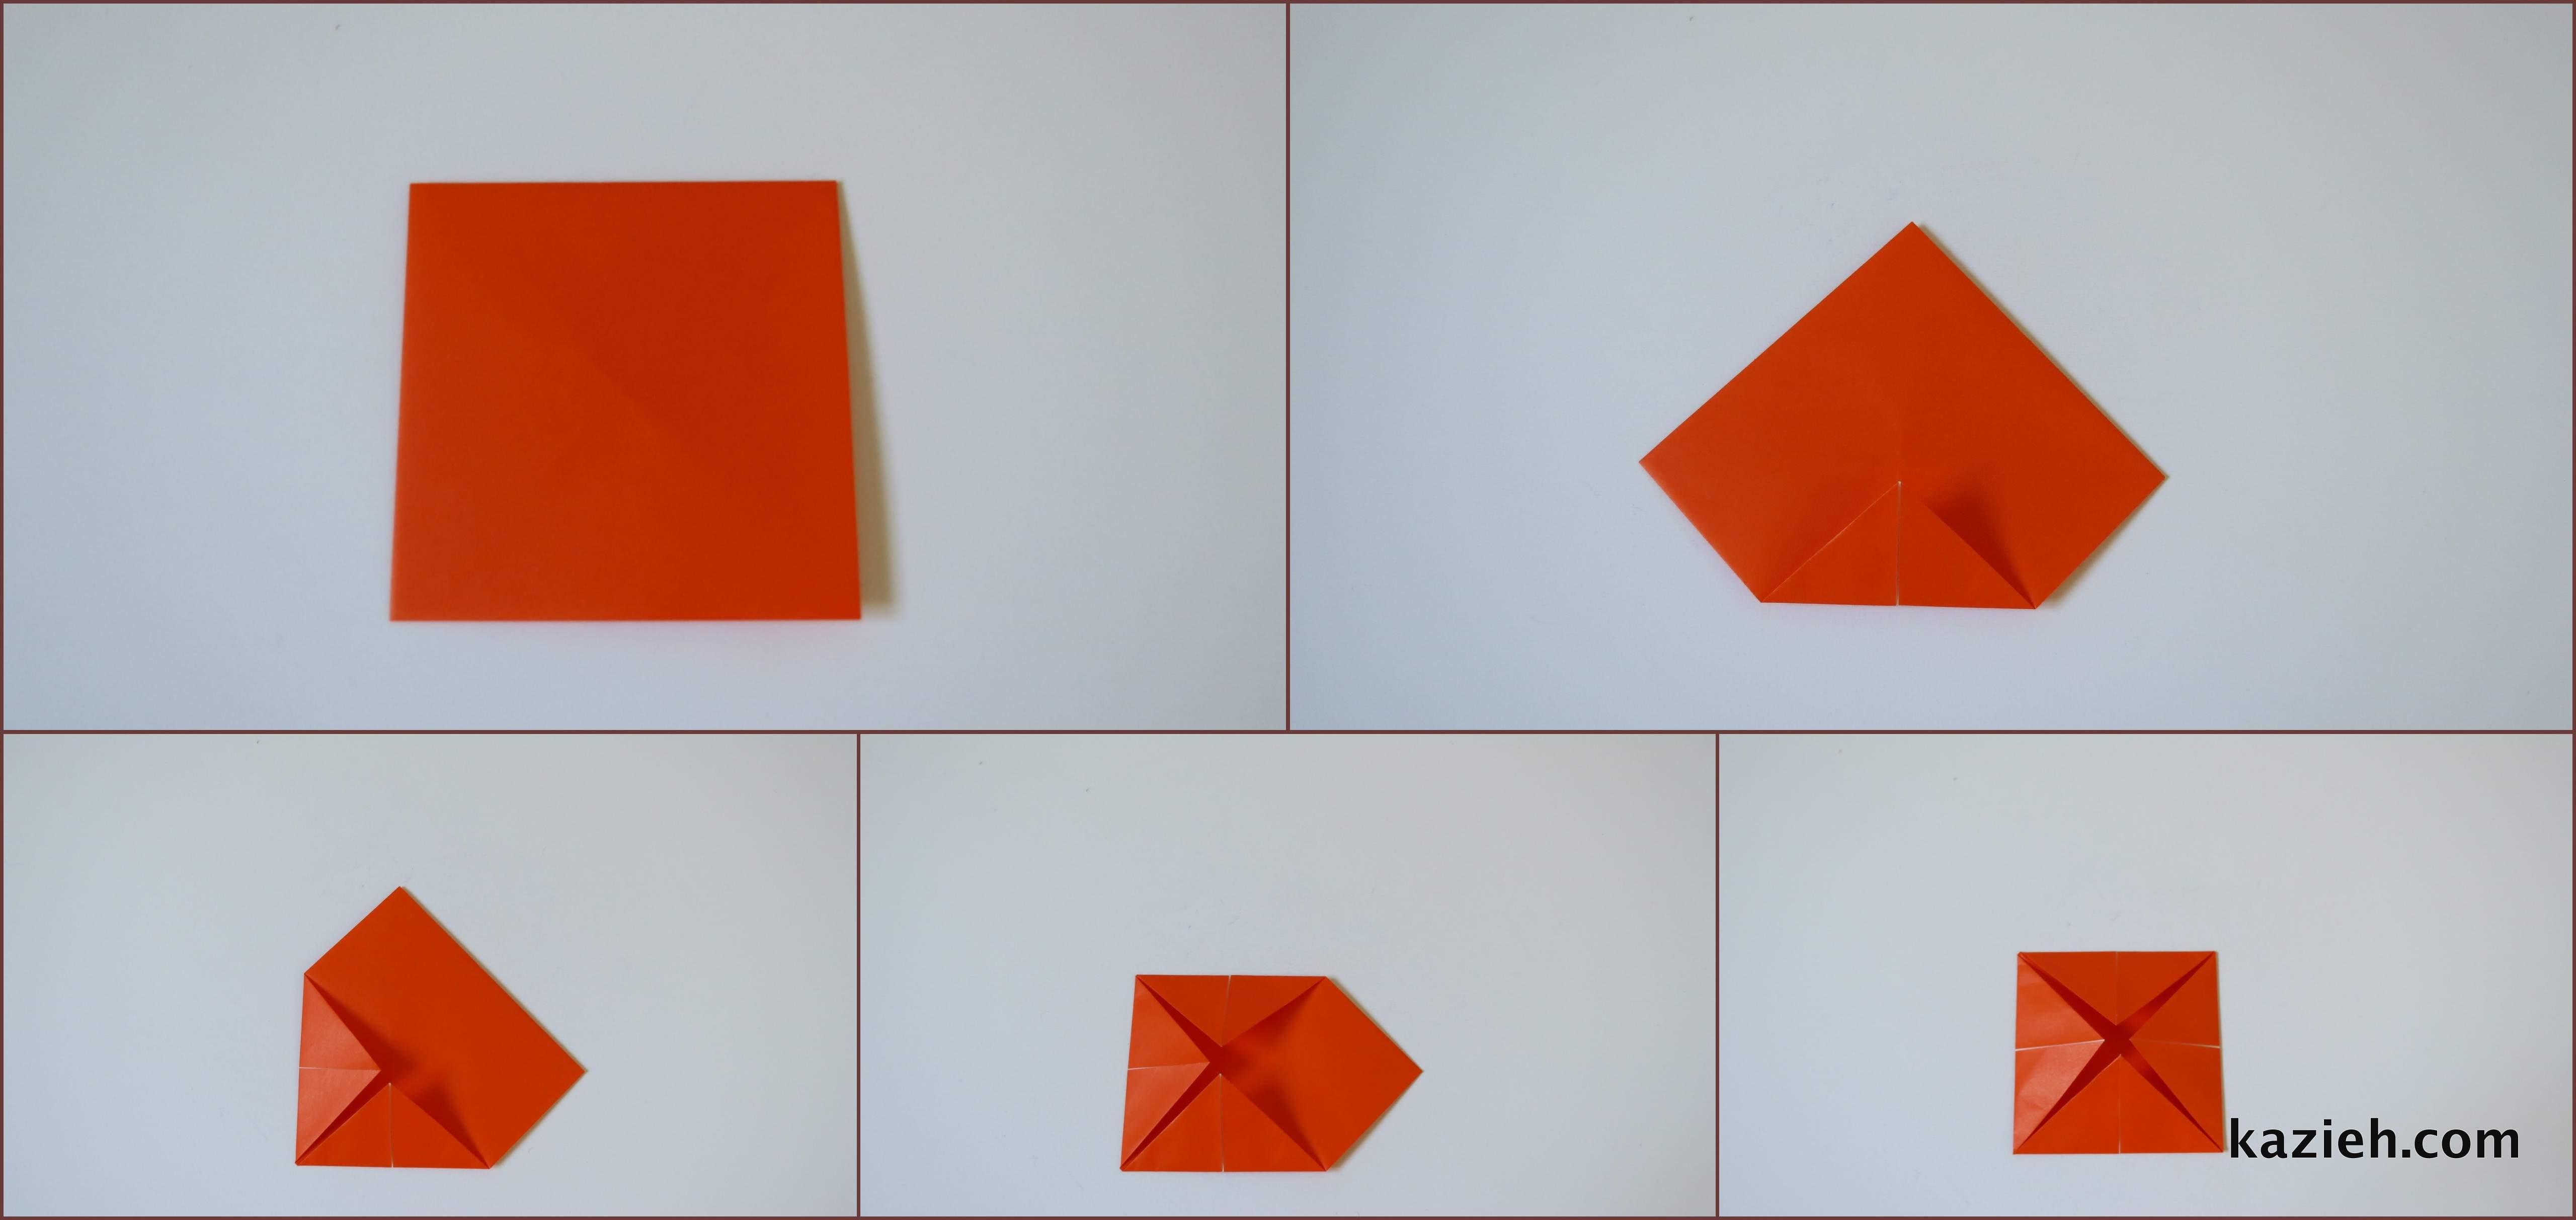 آموزش فالگیر اوریگامی -مرحله دوم- کازیه